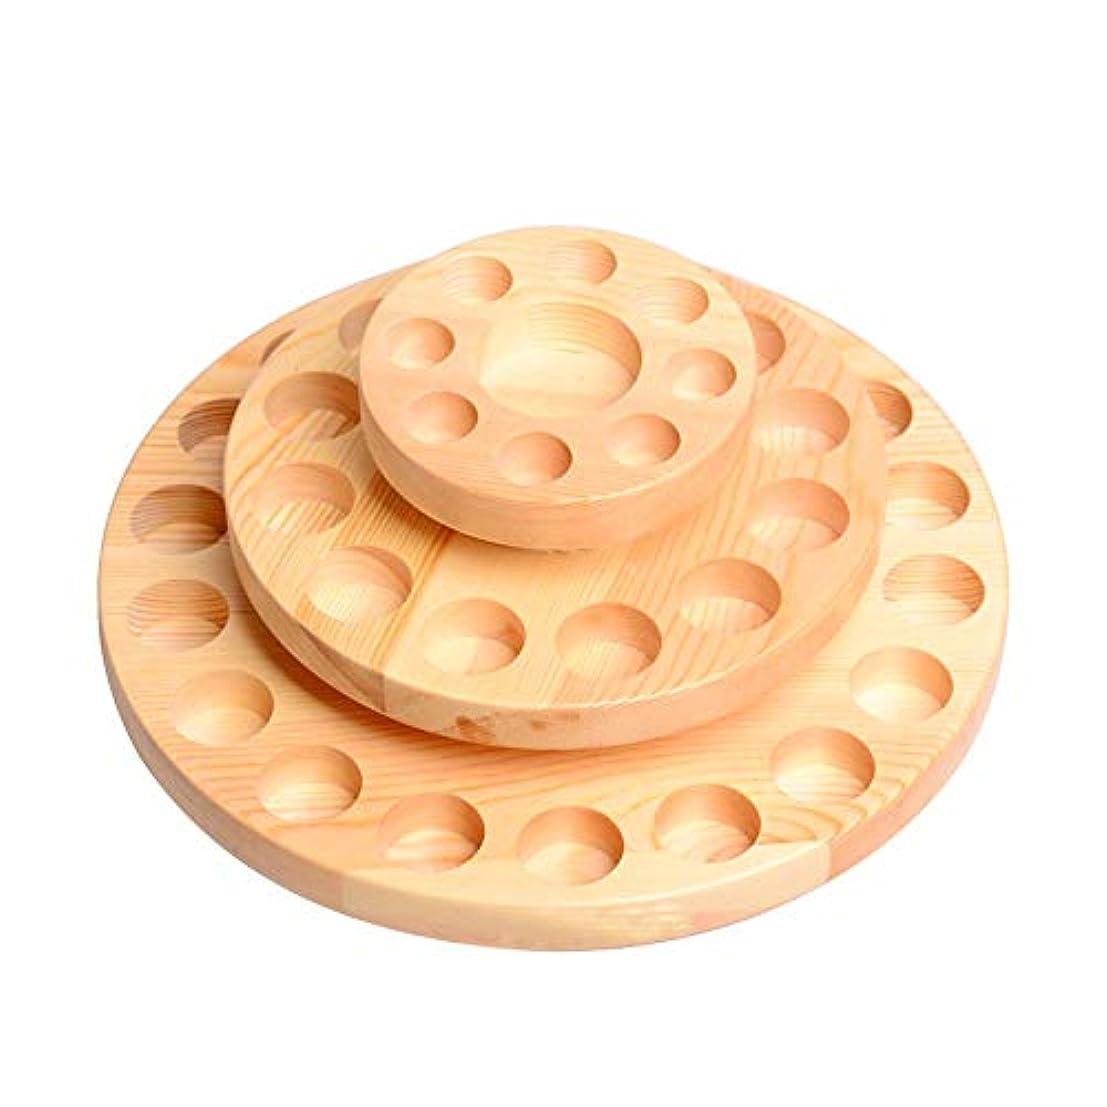 溶ける雨のまあエッセンシャルオイルの保管 39スロット木製エッセンシャルオイルの収納ボックスは、39の10?15ミリリットル油が木製オイルケースホルダーをボトル保持します (色 : Natural, サイズ : 27X13.5CM)